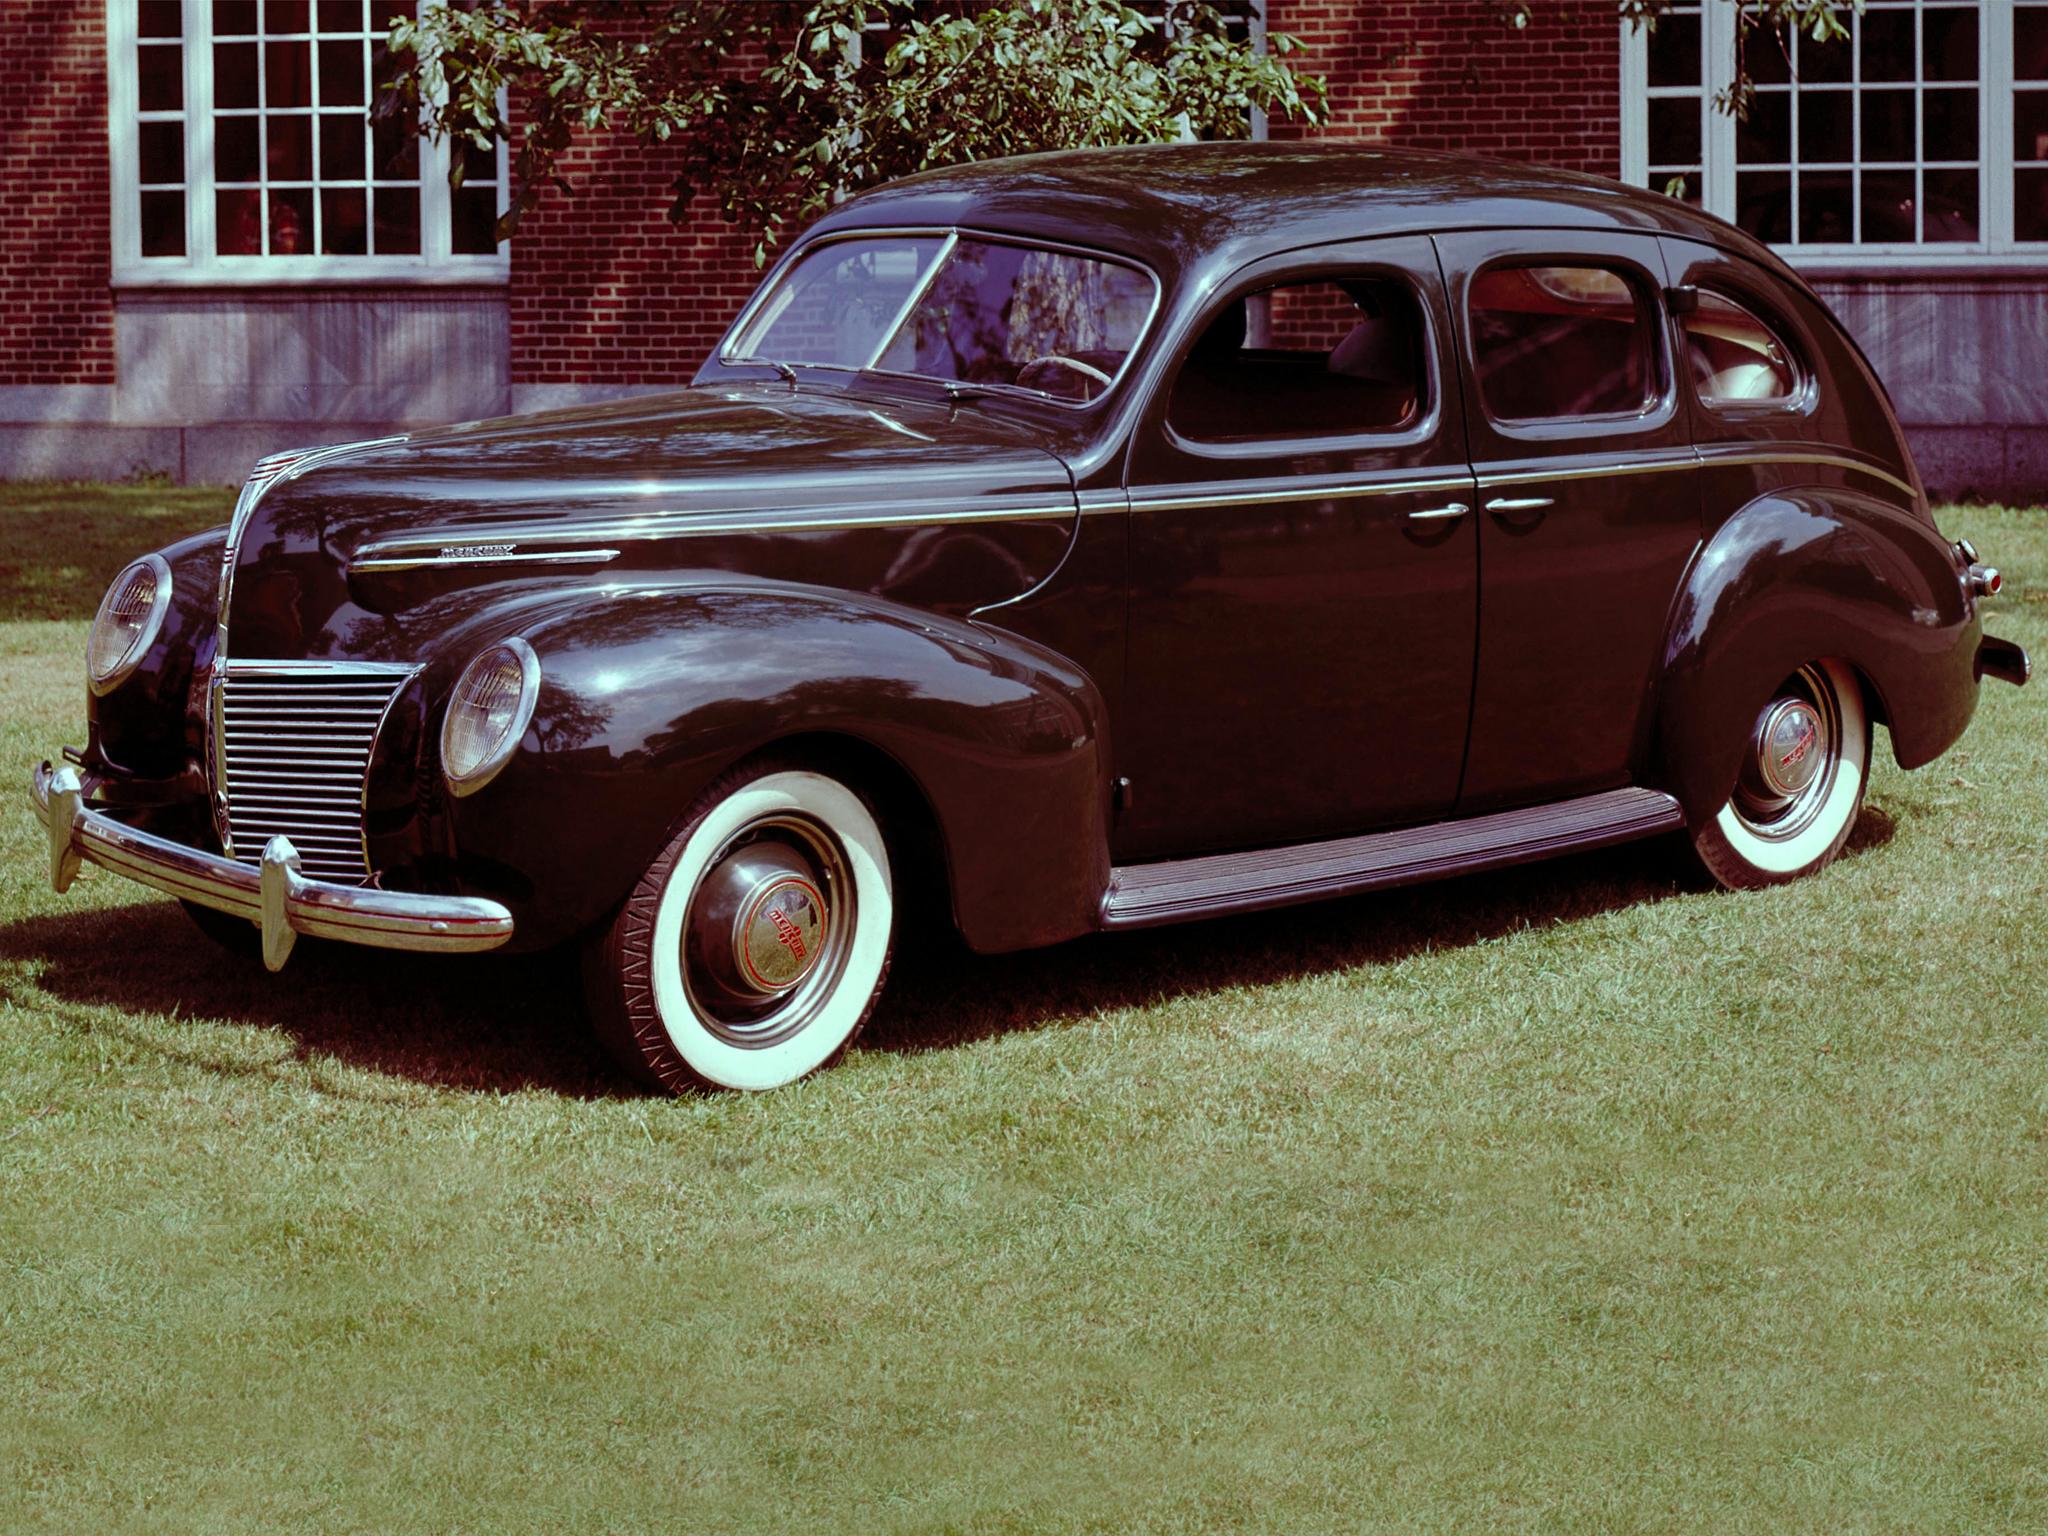 4 Door Sedan >> 1939 Mercury Eight 4-door Sedan 99A retro wallpaper | 2048x1536 | 143199 | WallpaperUP